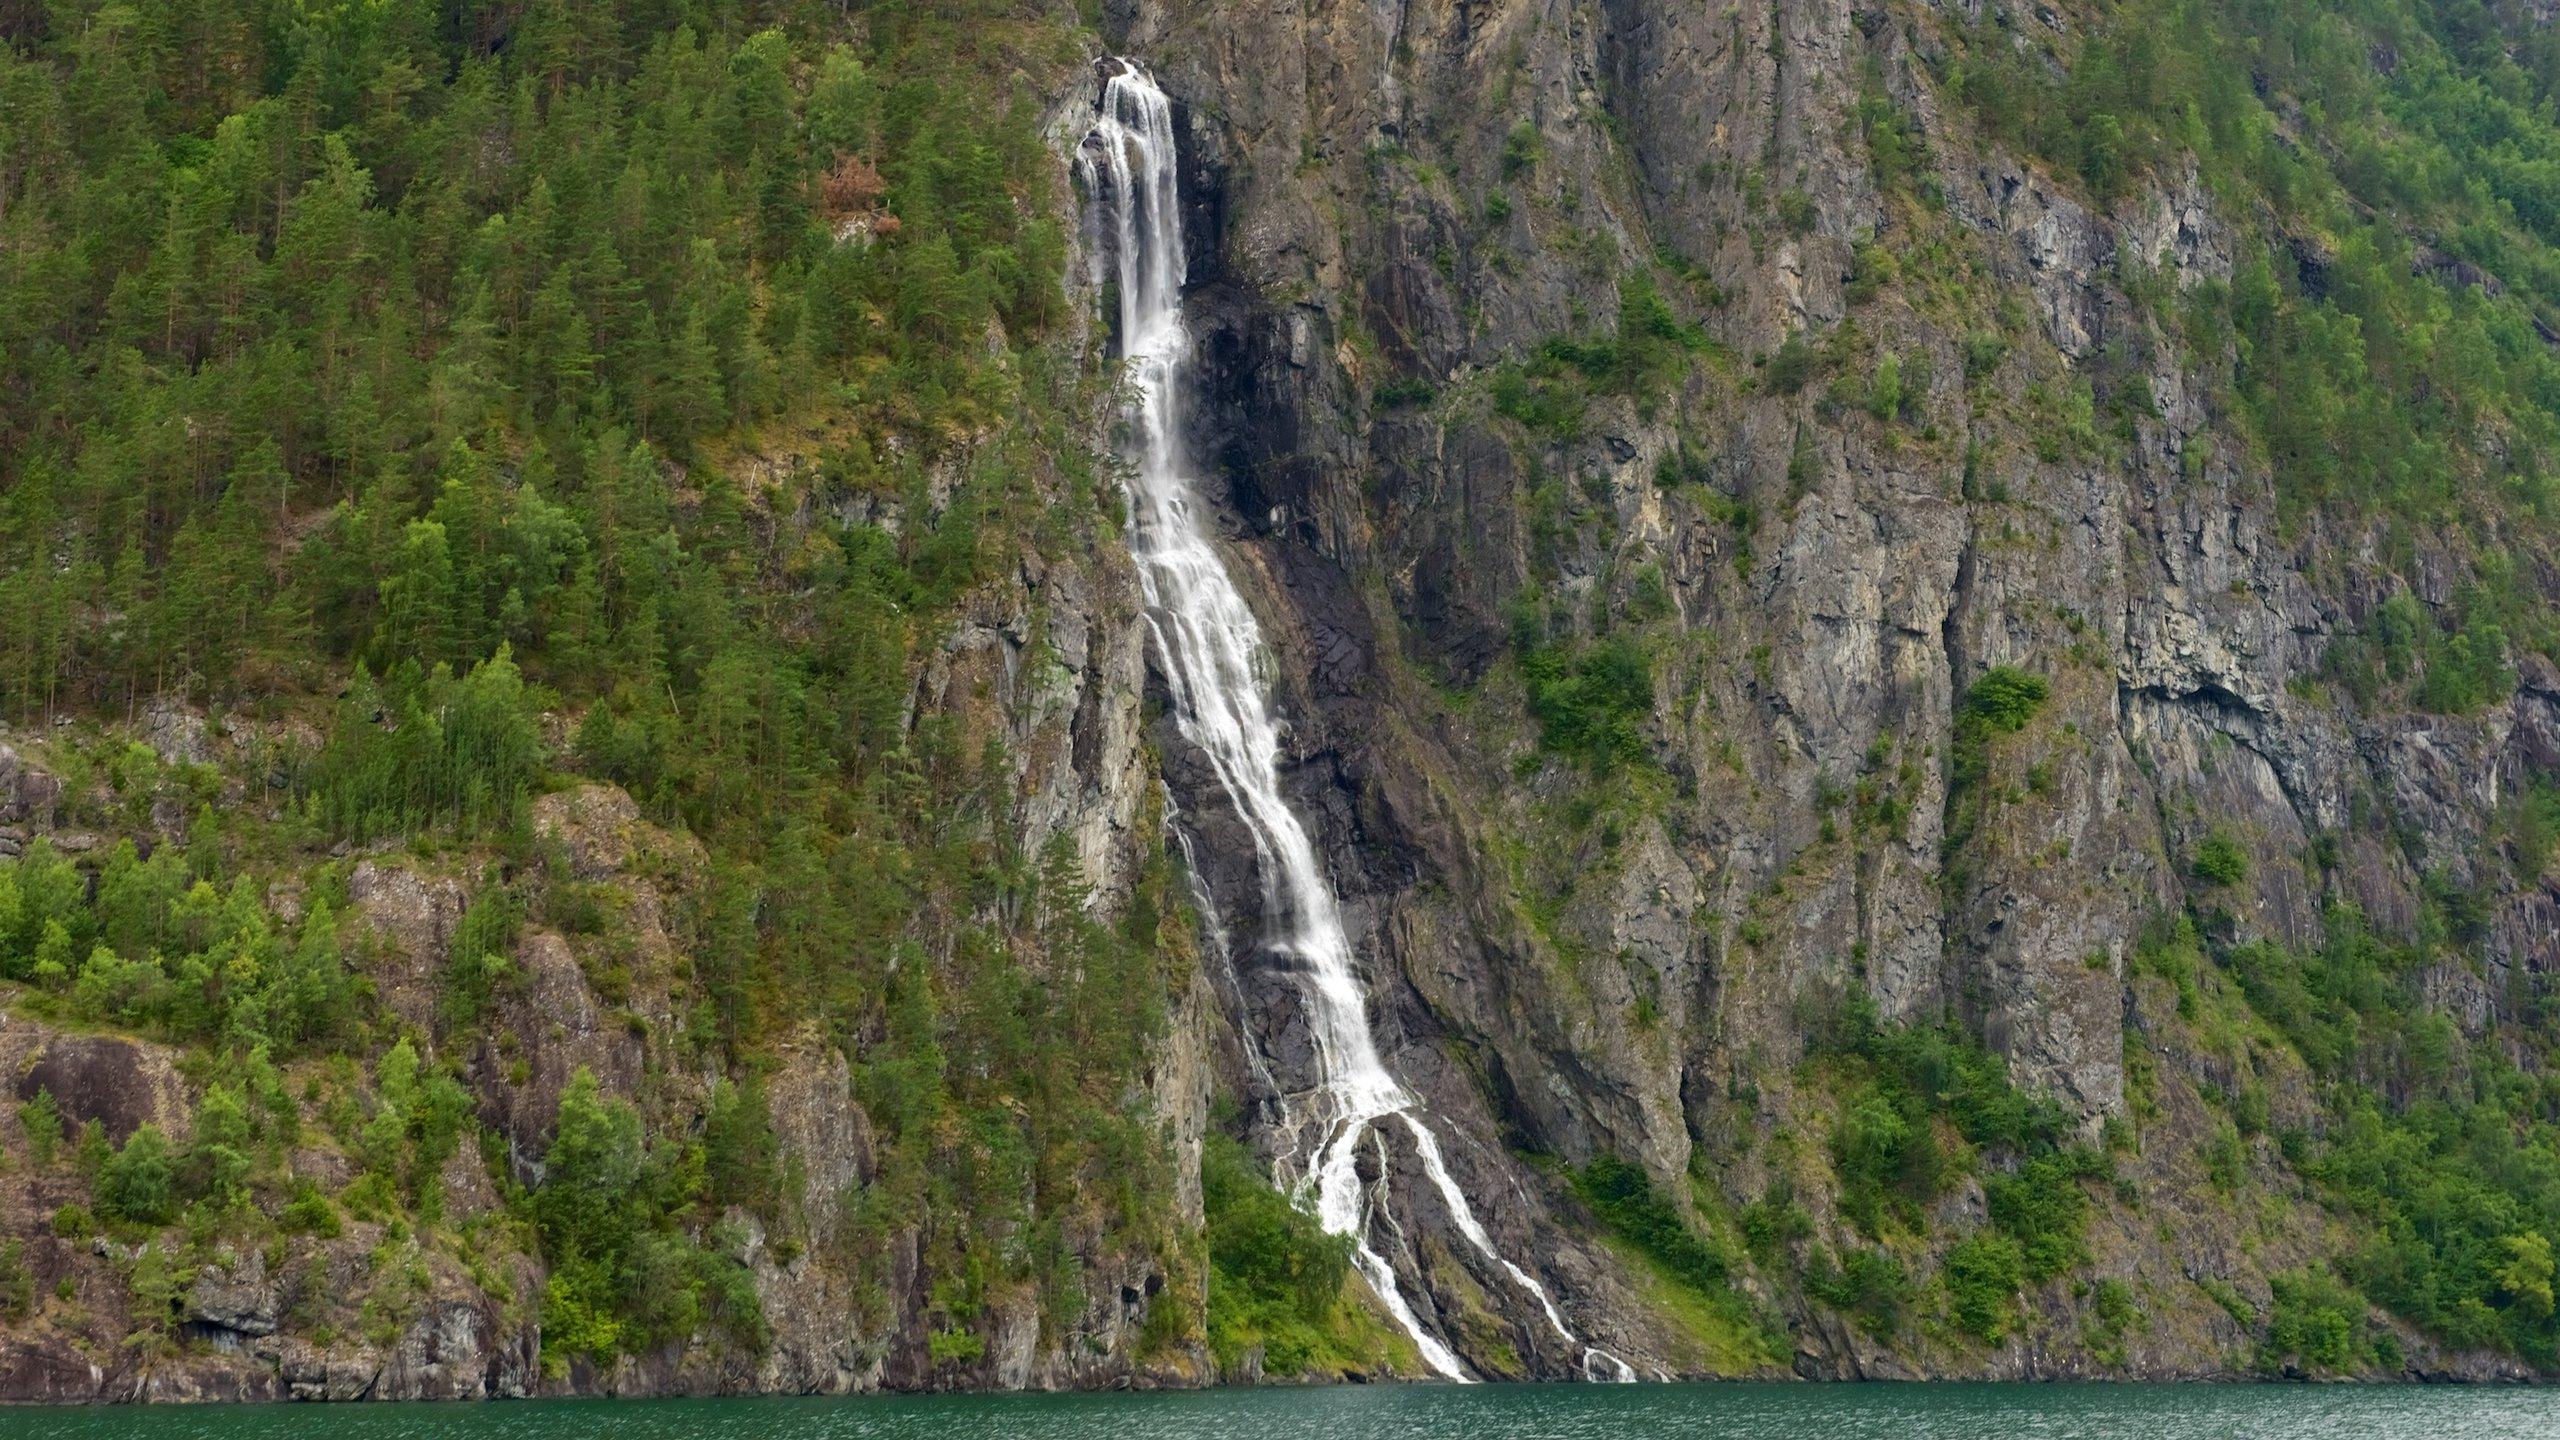 Sogn og Fjordane (county), Vestland, Norway